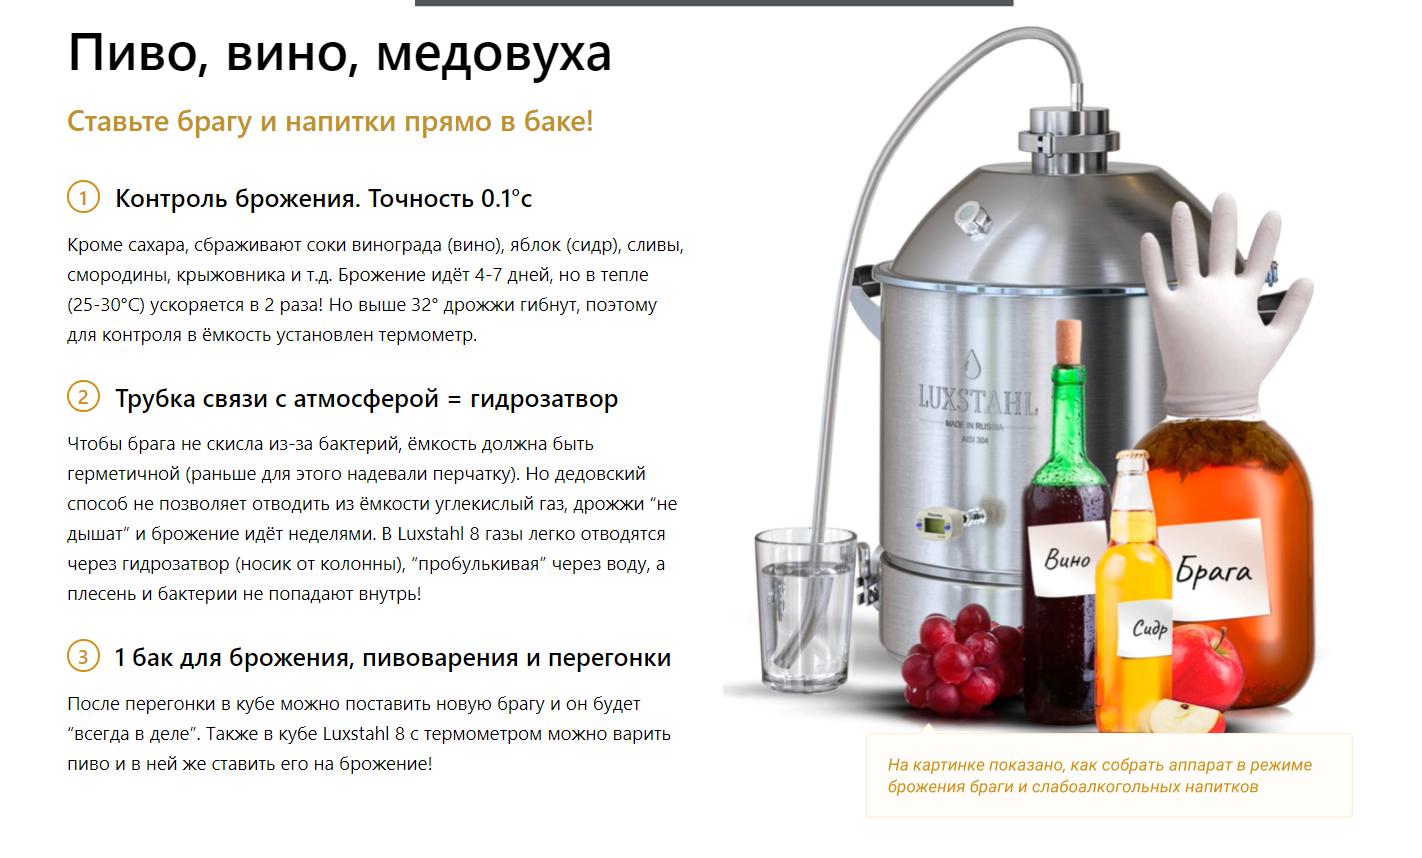 Пиво, вино, медовуху, брагу можно ставить непосредственно в баке аппарата